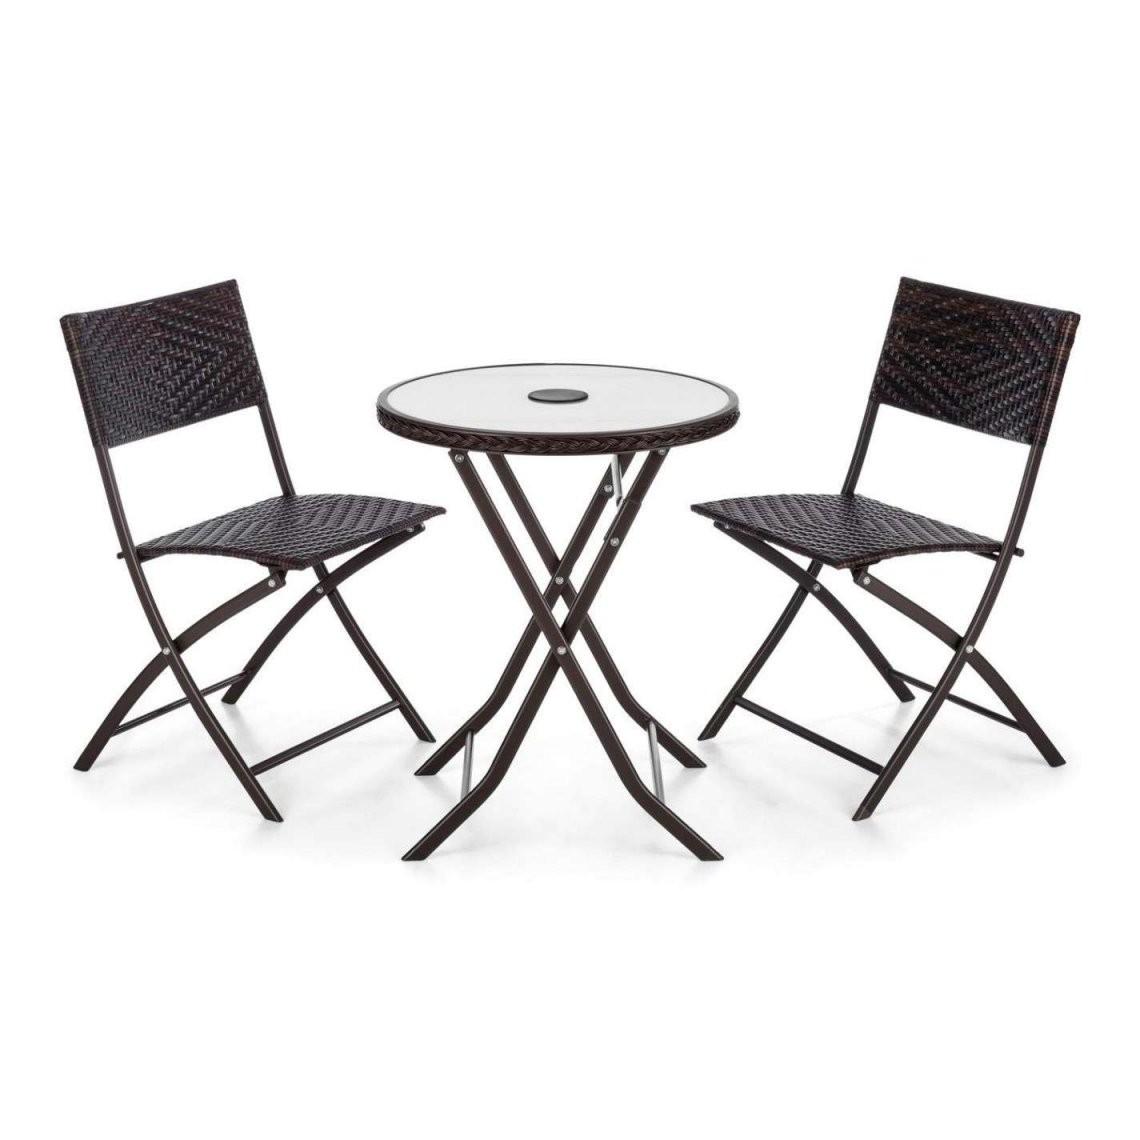 Eckbank Mit Tisch Für Balkon Designideen Von Kleiner Tisch Für von Balkon Eckbank Mit Tisch Photo